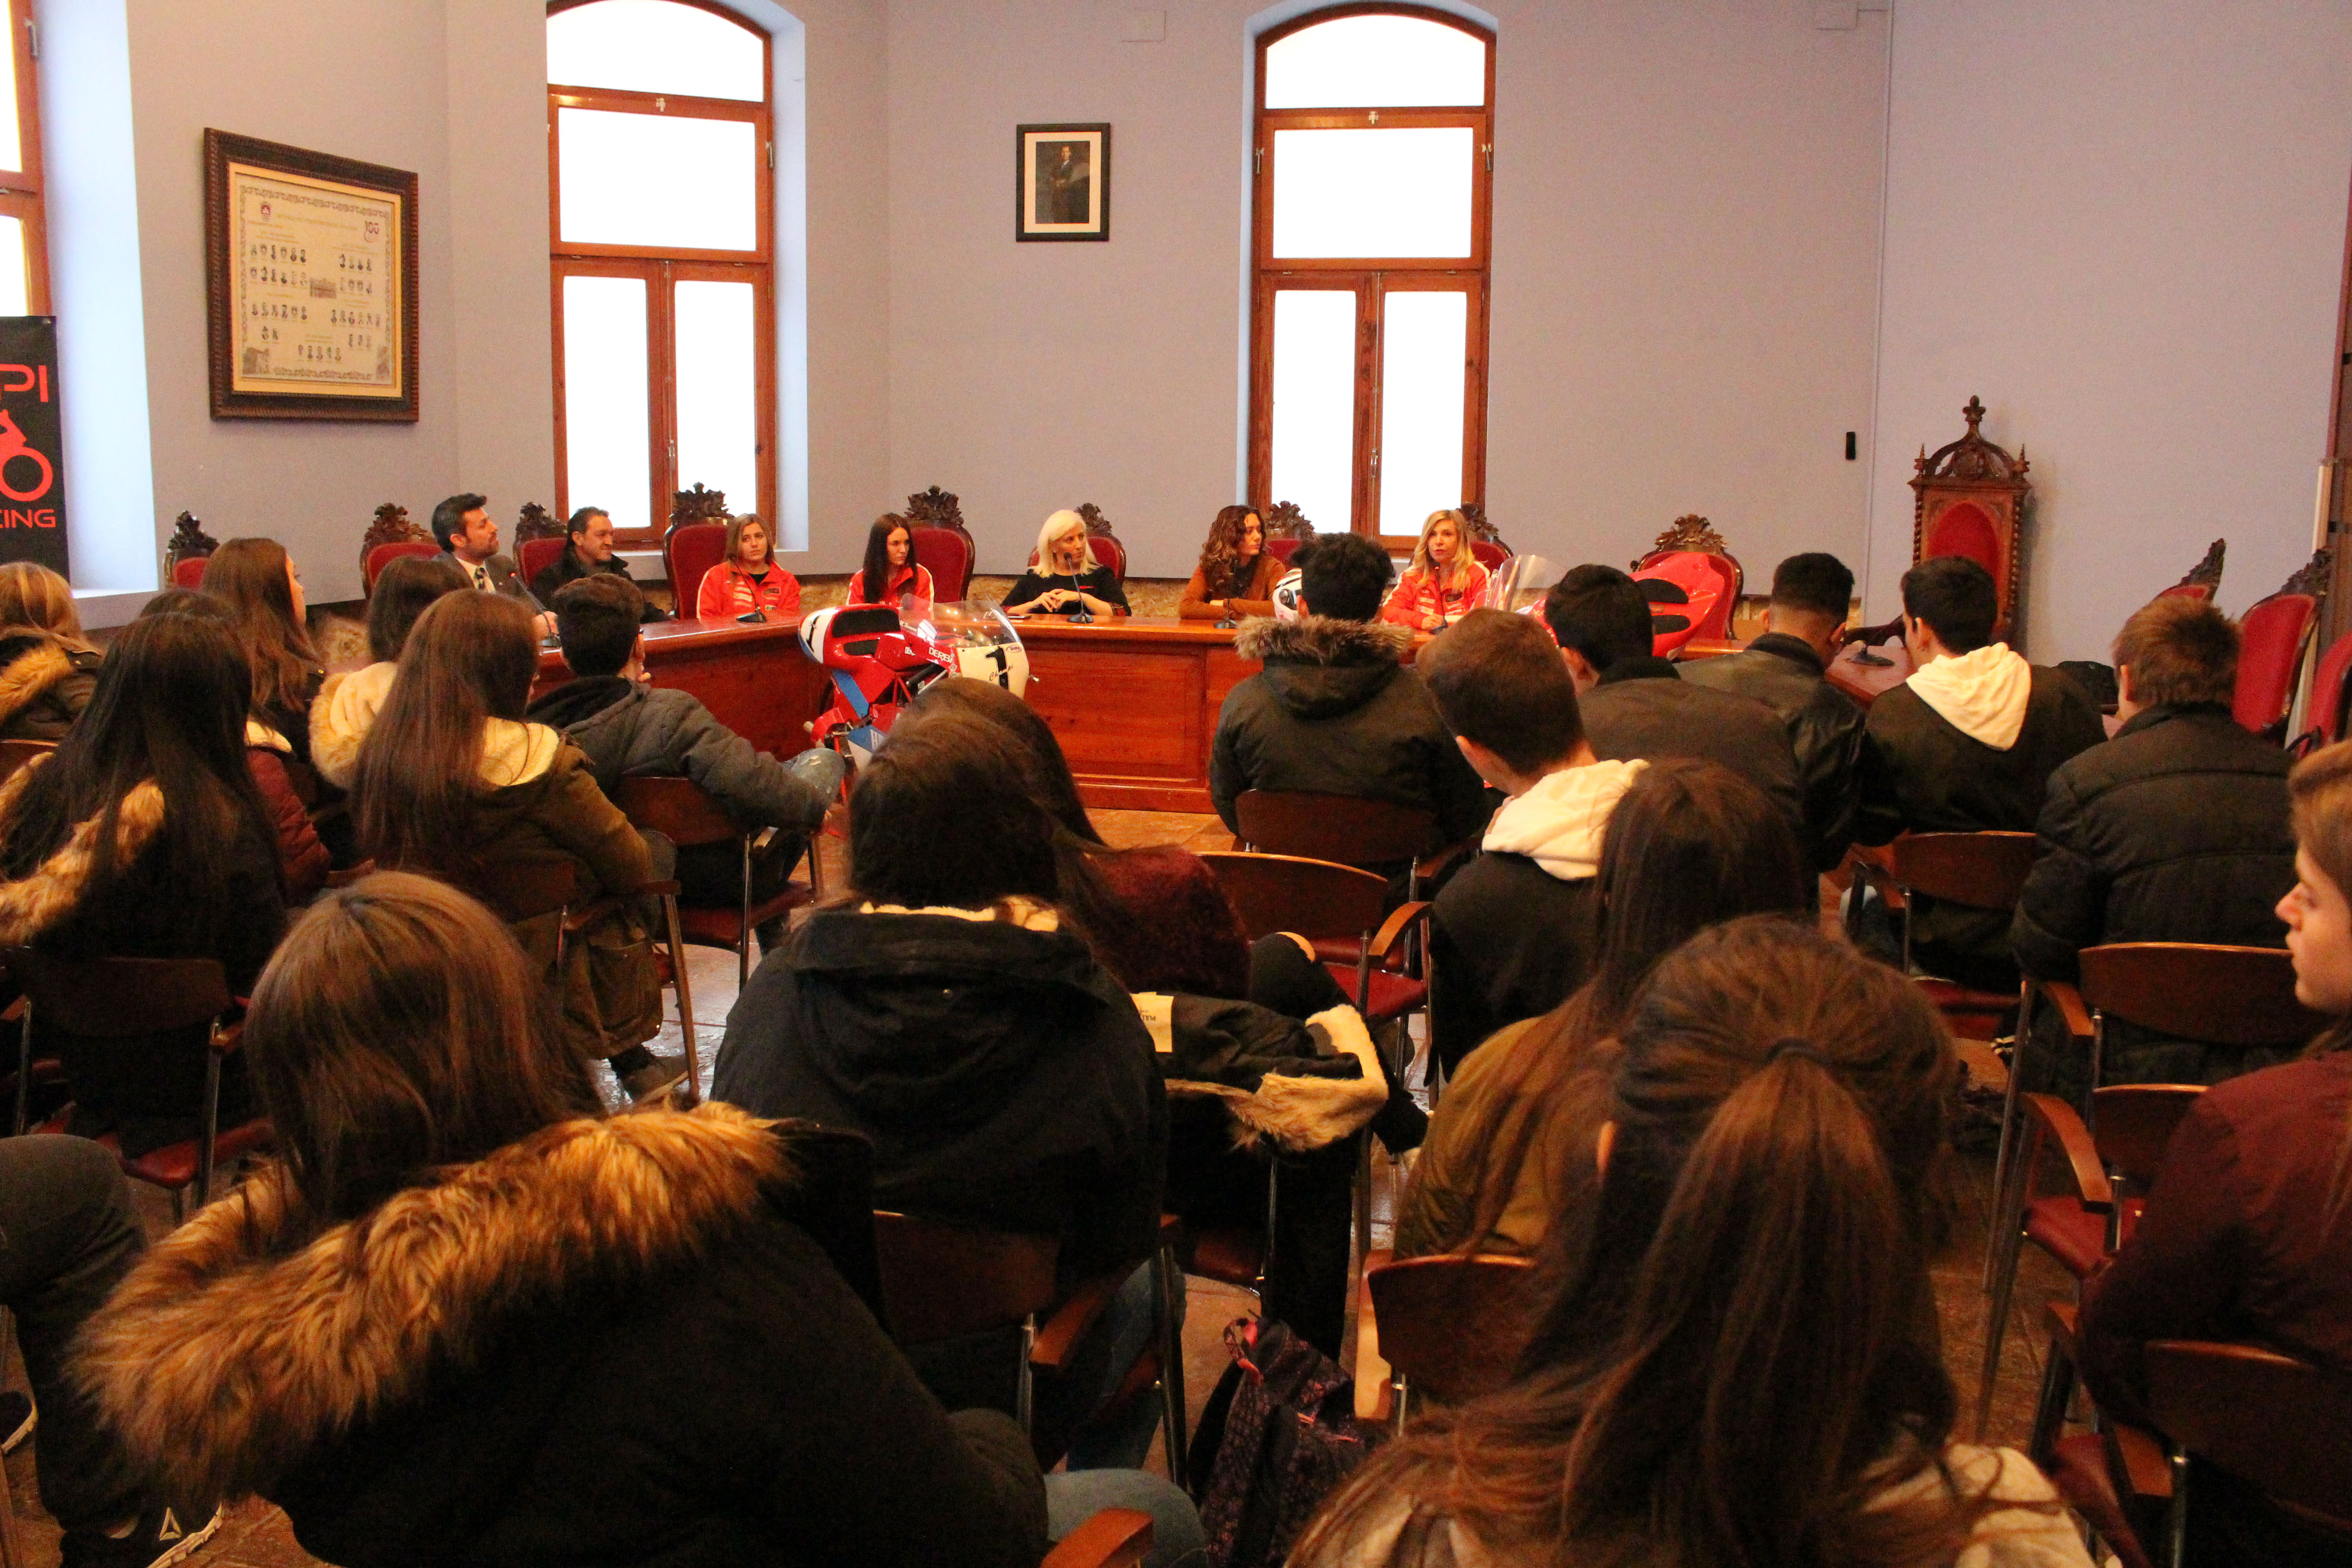 l debate estuvo moderado por Rafa Comin y en él se plantearon diferentes temas relacionados con la educación en igualdad de condiciones en relación con el equipo y se puso en valor la trayectoria de las mujeres en el deporte del motociclismo.